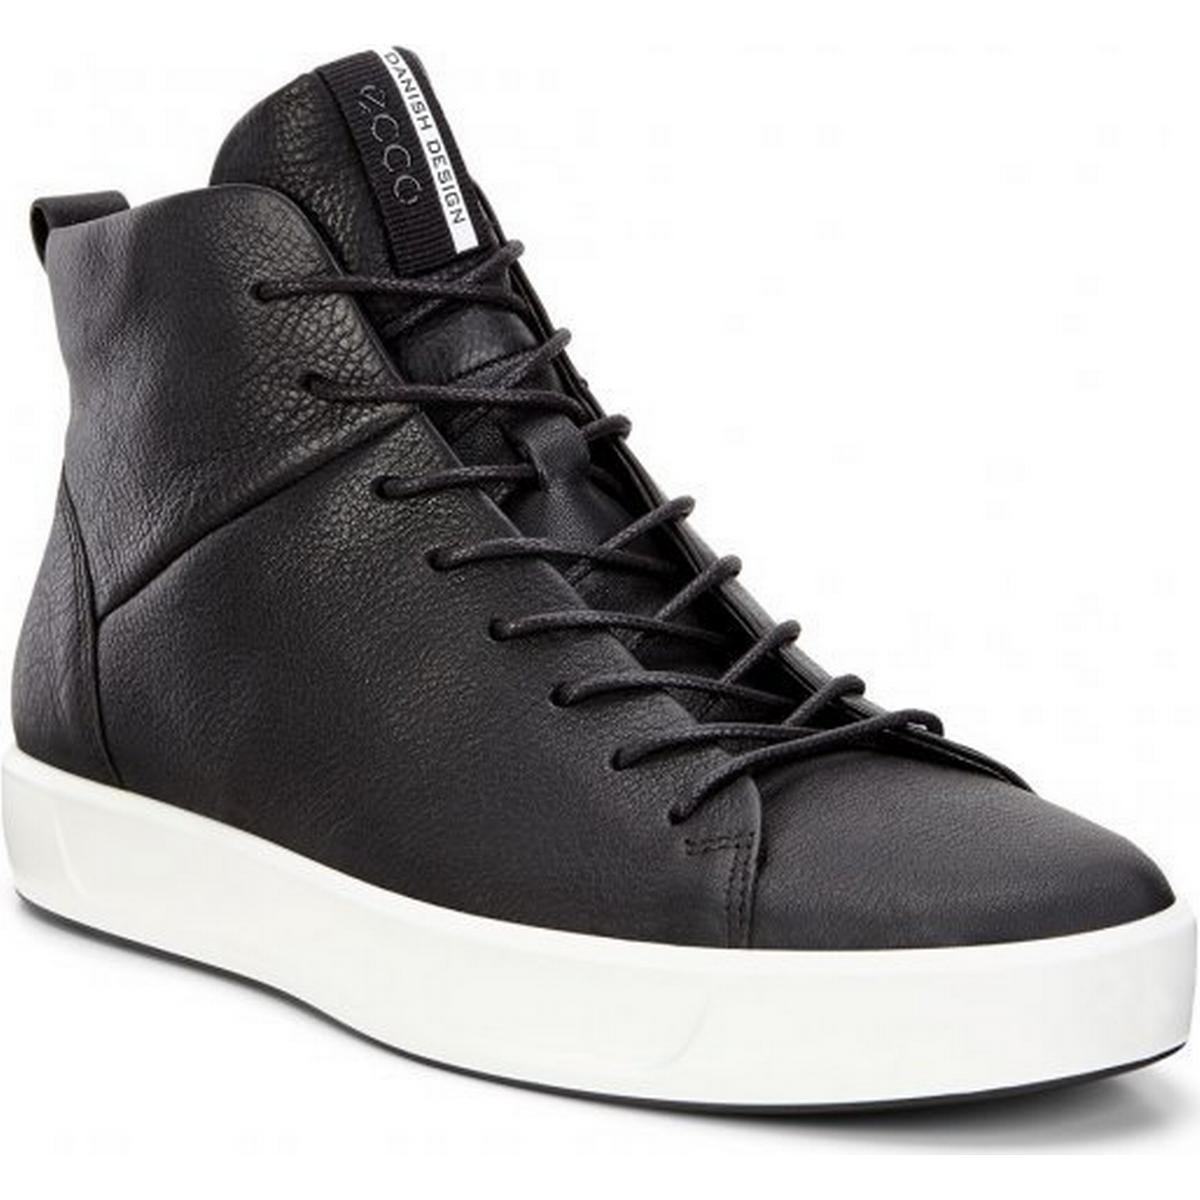 bda4af8e6a2 Ecco Støvler - Sammenlign priser hos PriceRunner